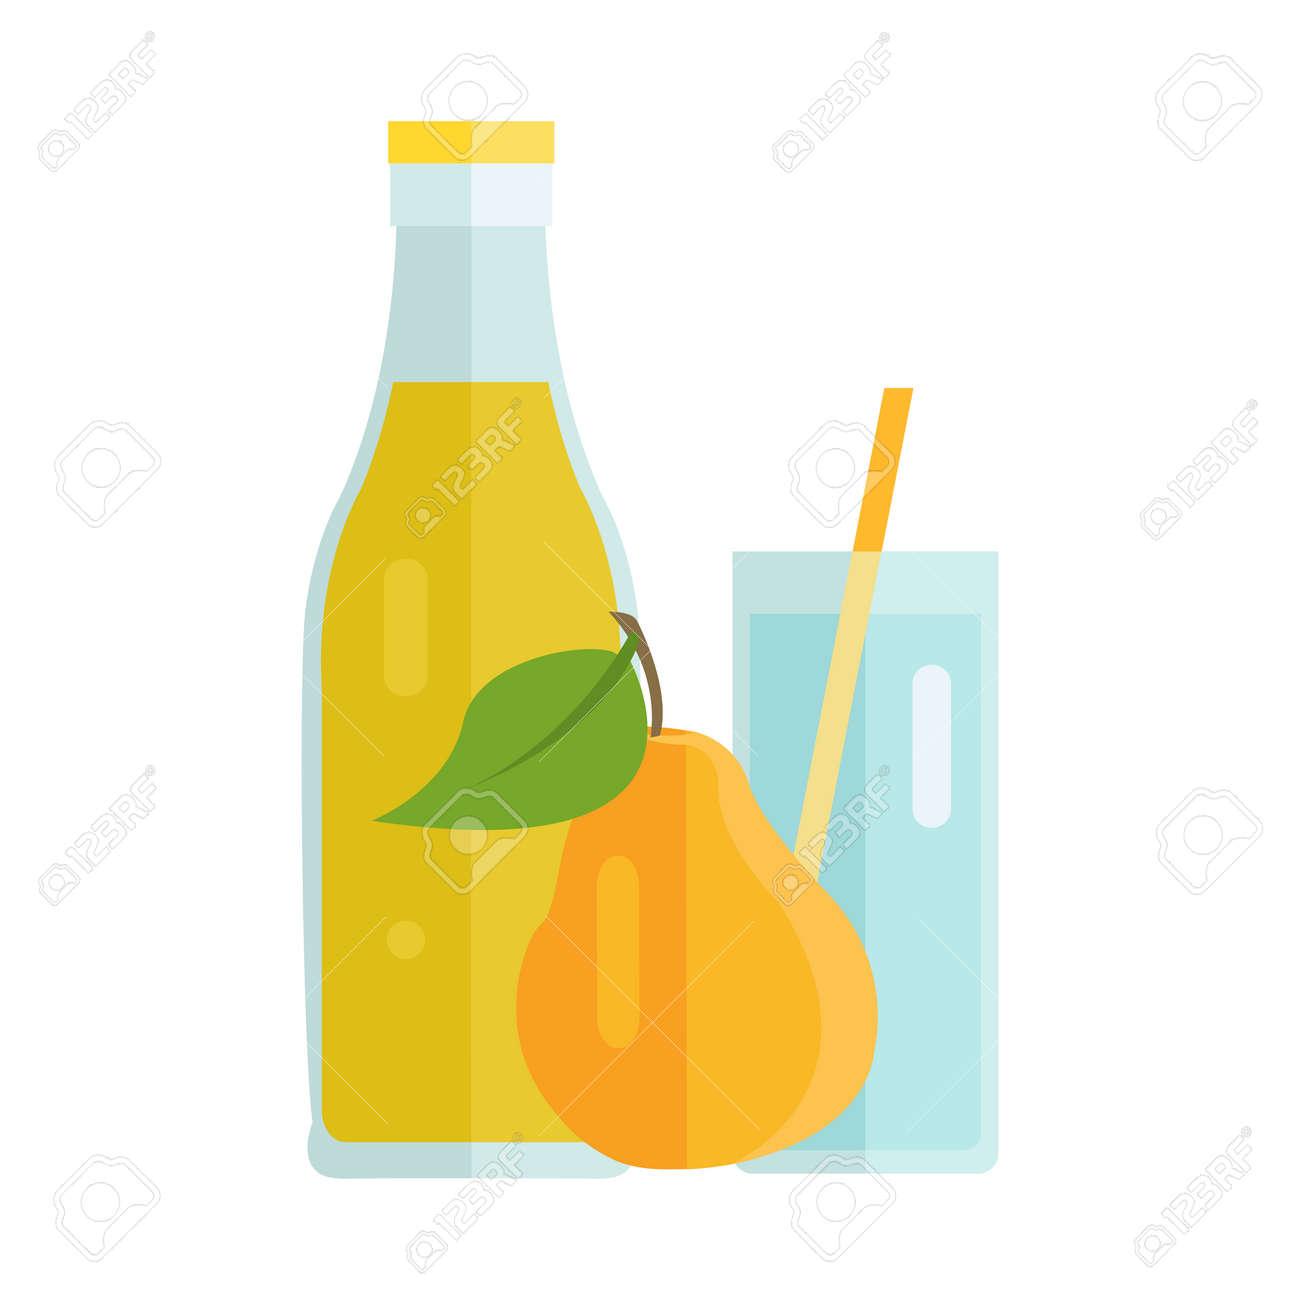 bouteille et verre avec poire boisson. vecteur de design plat. boisson  d'été doux, le concept de jus de fruits frais. illustration des icônes, des